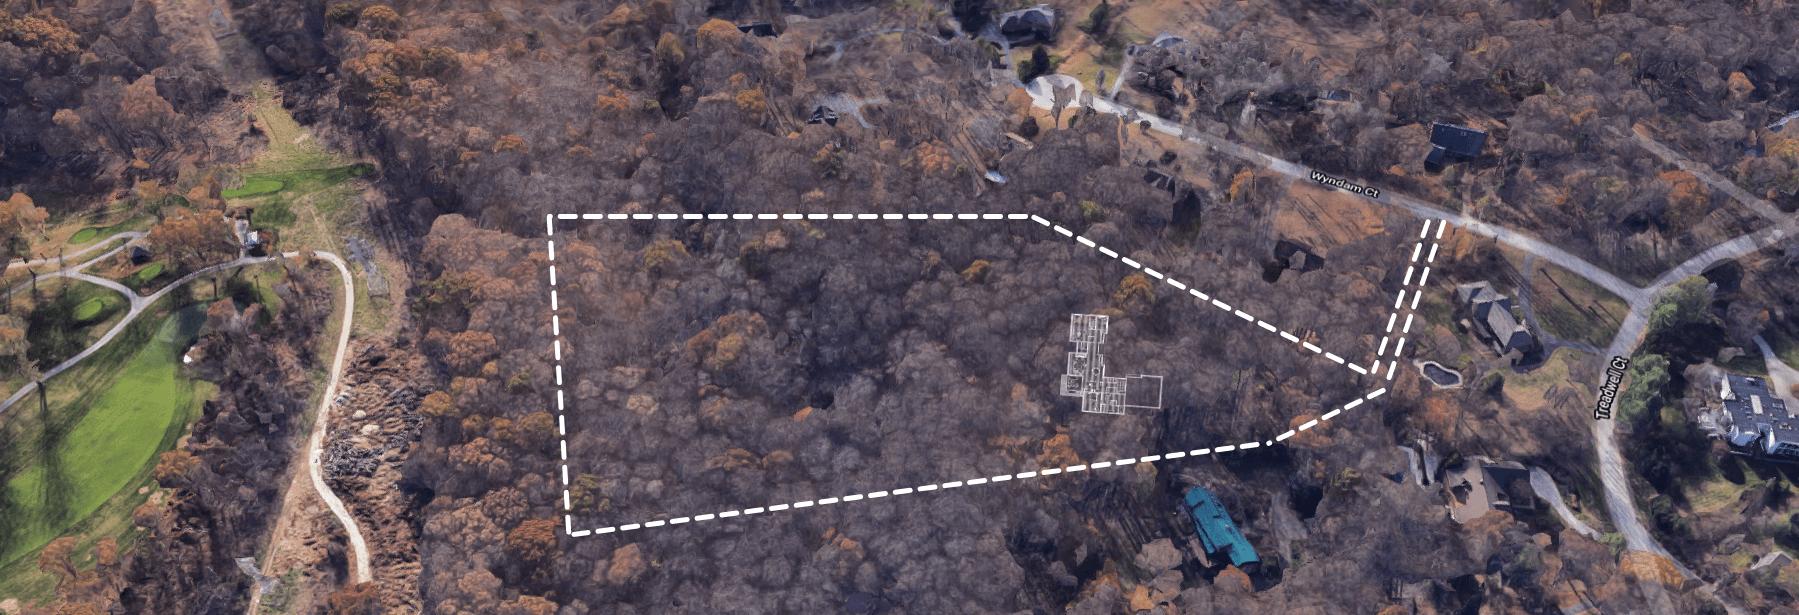 5 Wyndam Court site map